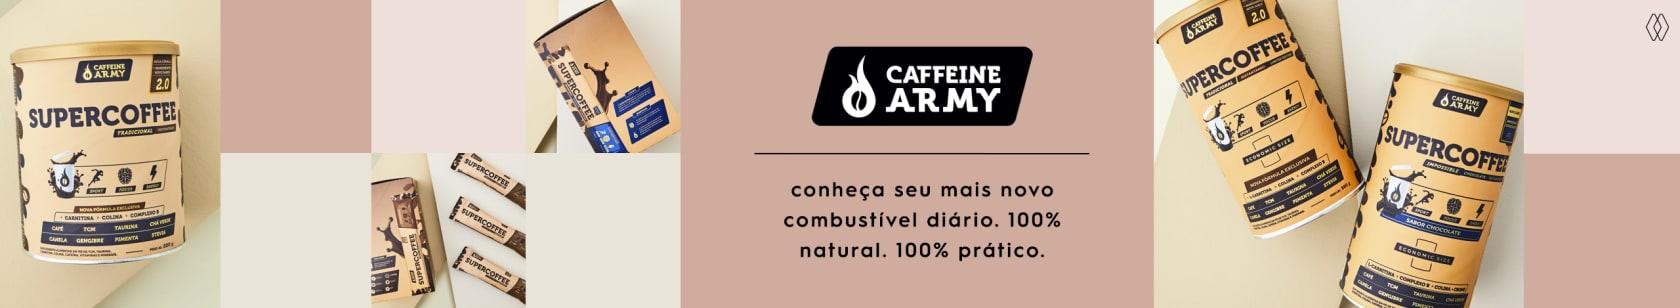 CAFFEINE ARMY | AMARO